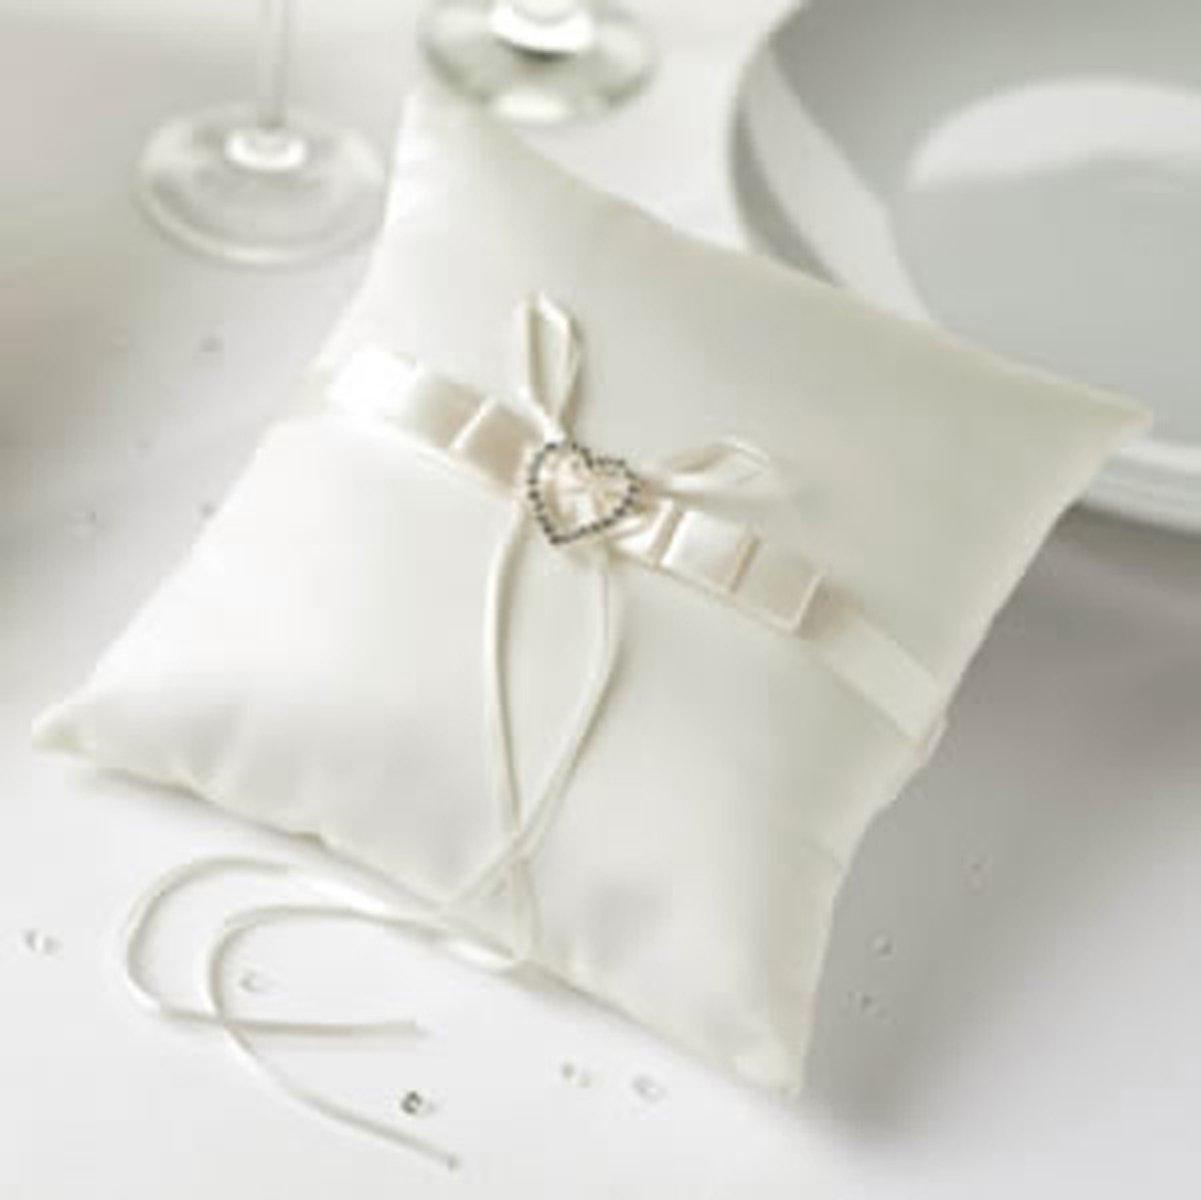 Ivory Heart Wedding Ring Cushion Amazoncouk Kitchen Home